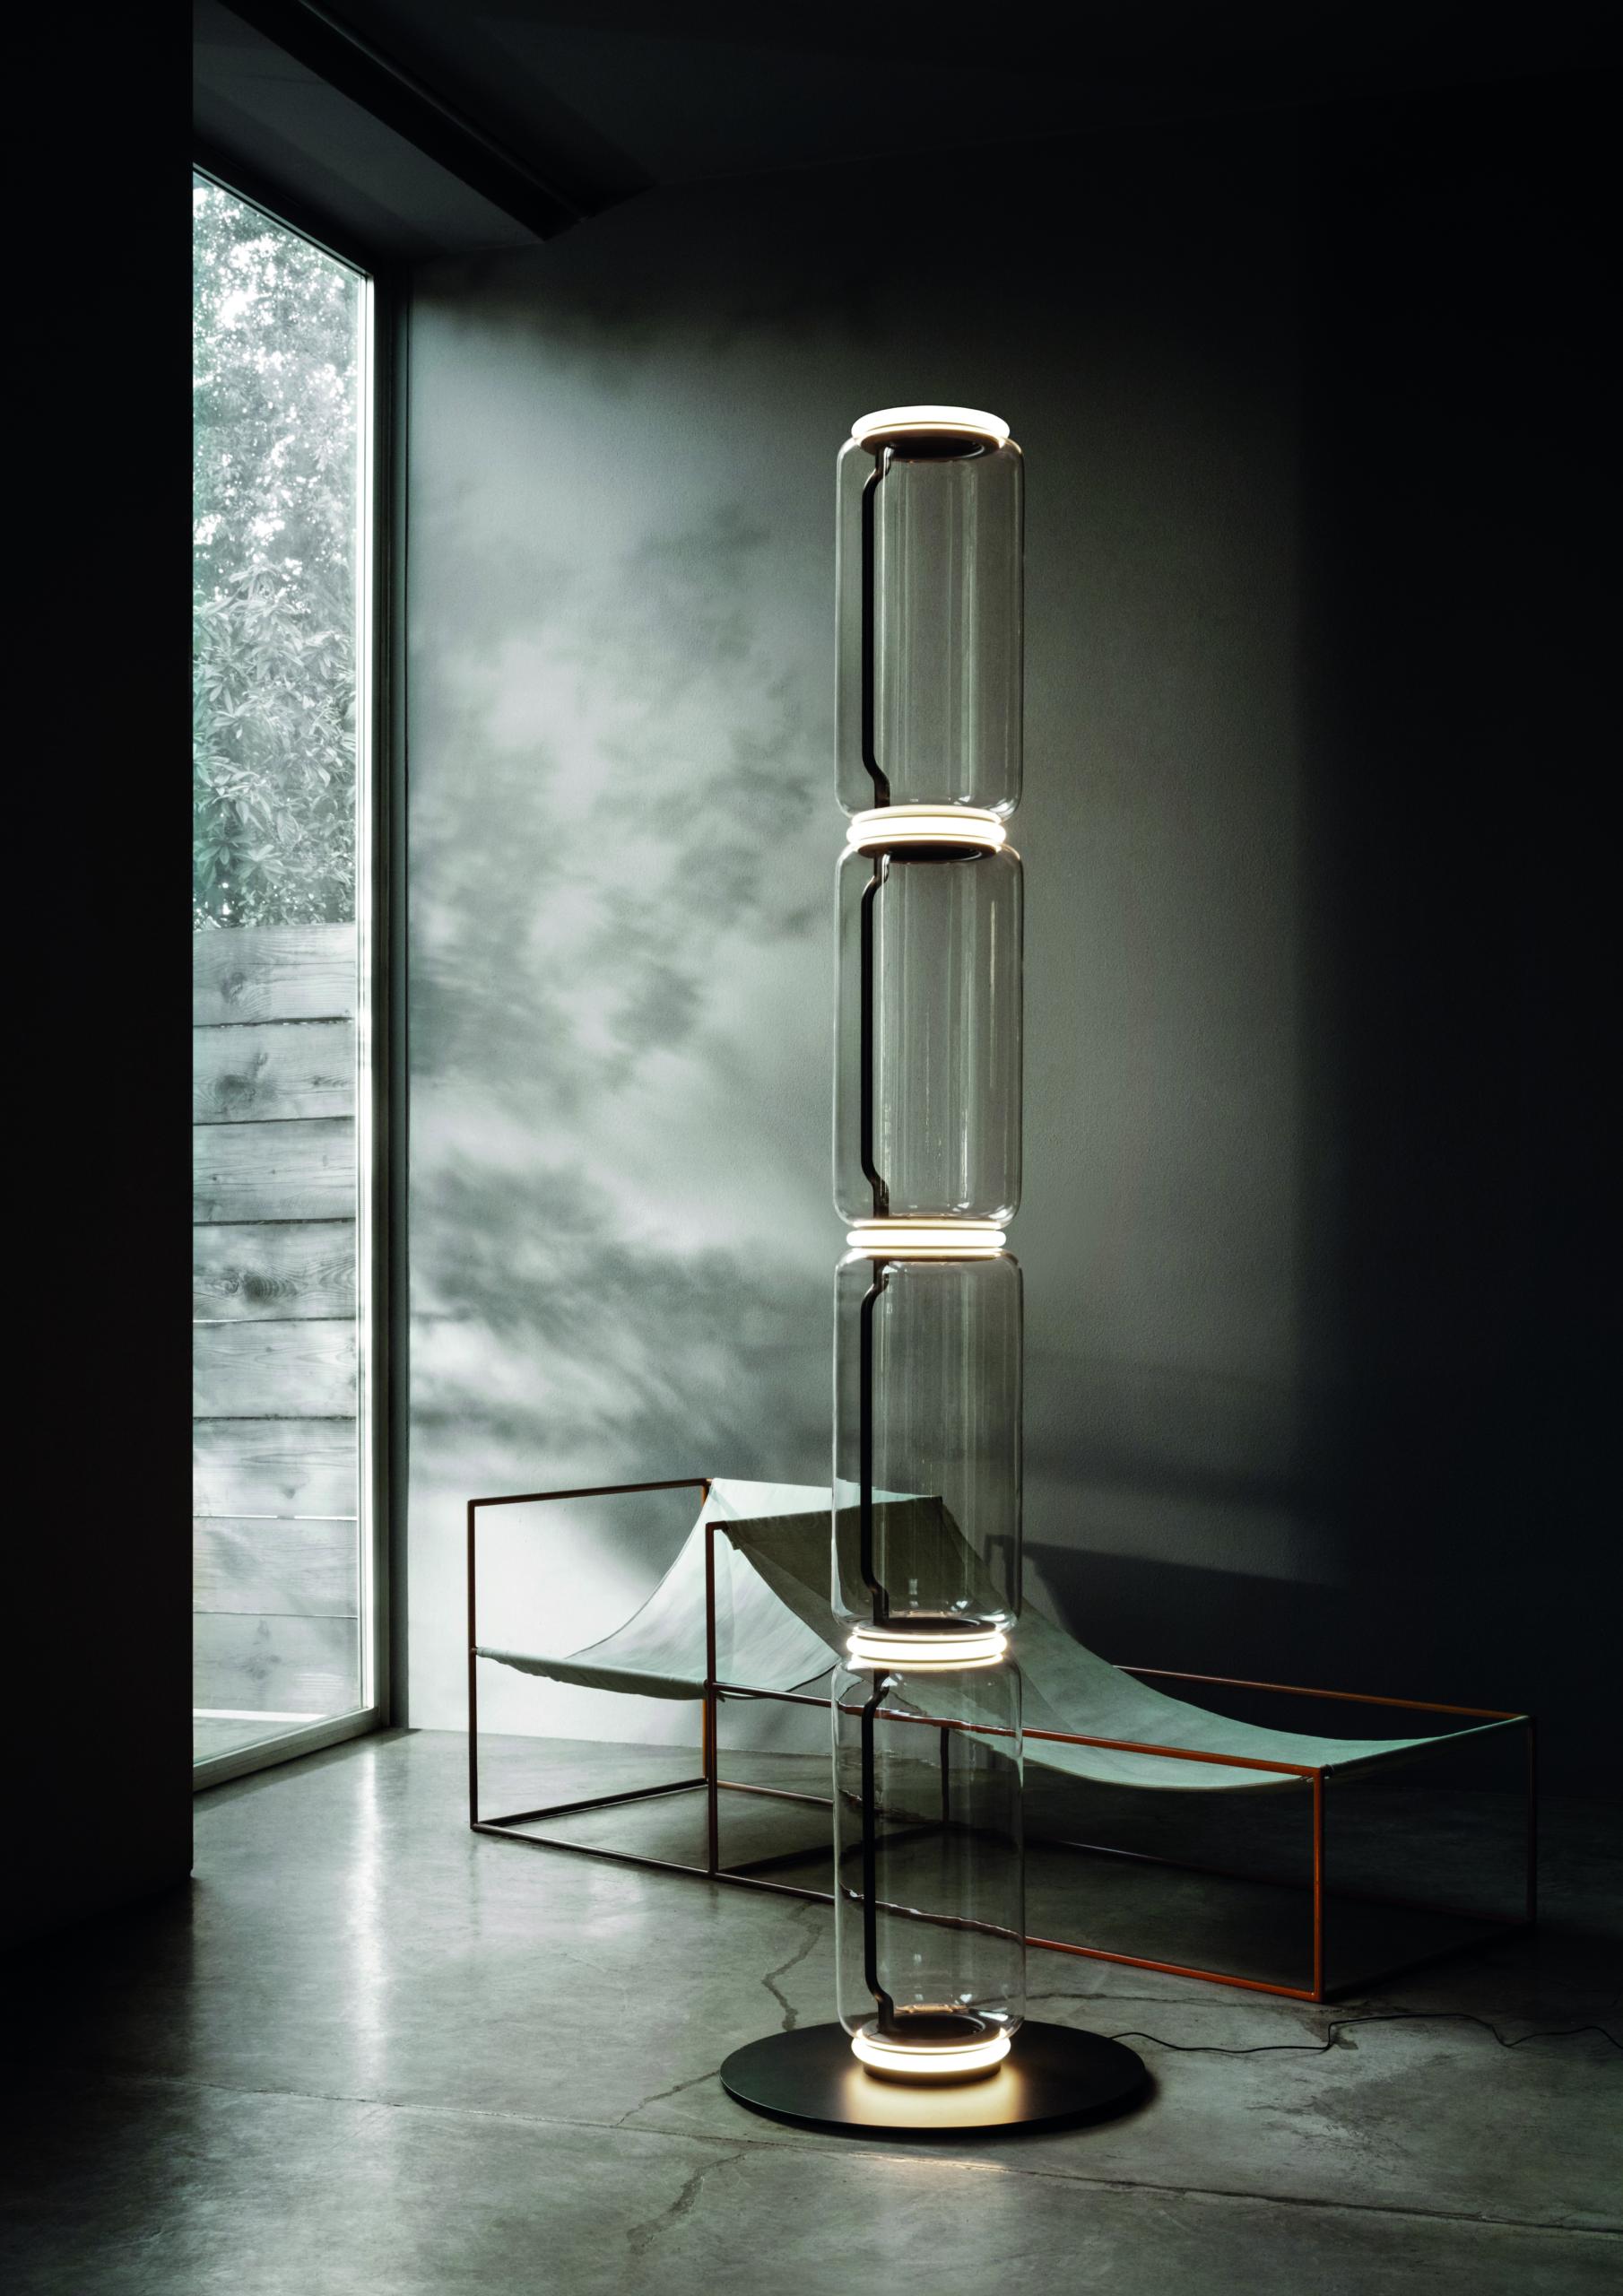 Stehleuchte NOCTAMBULE von Flos, Design: Konstantin Grcic